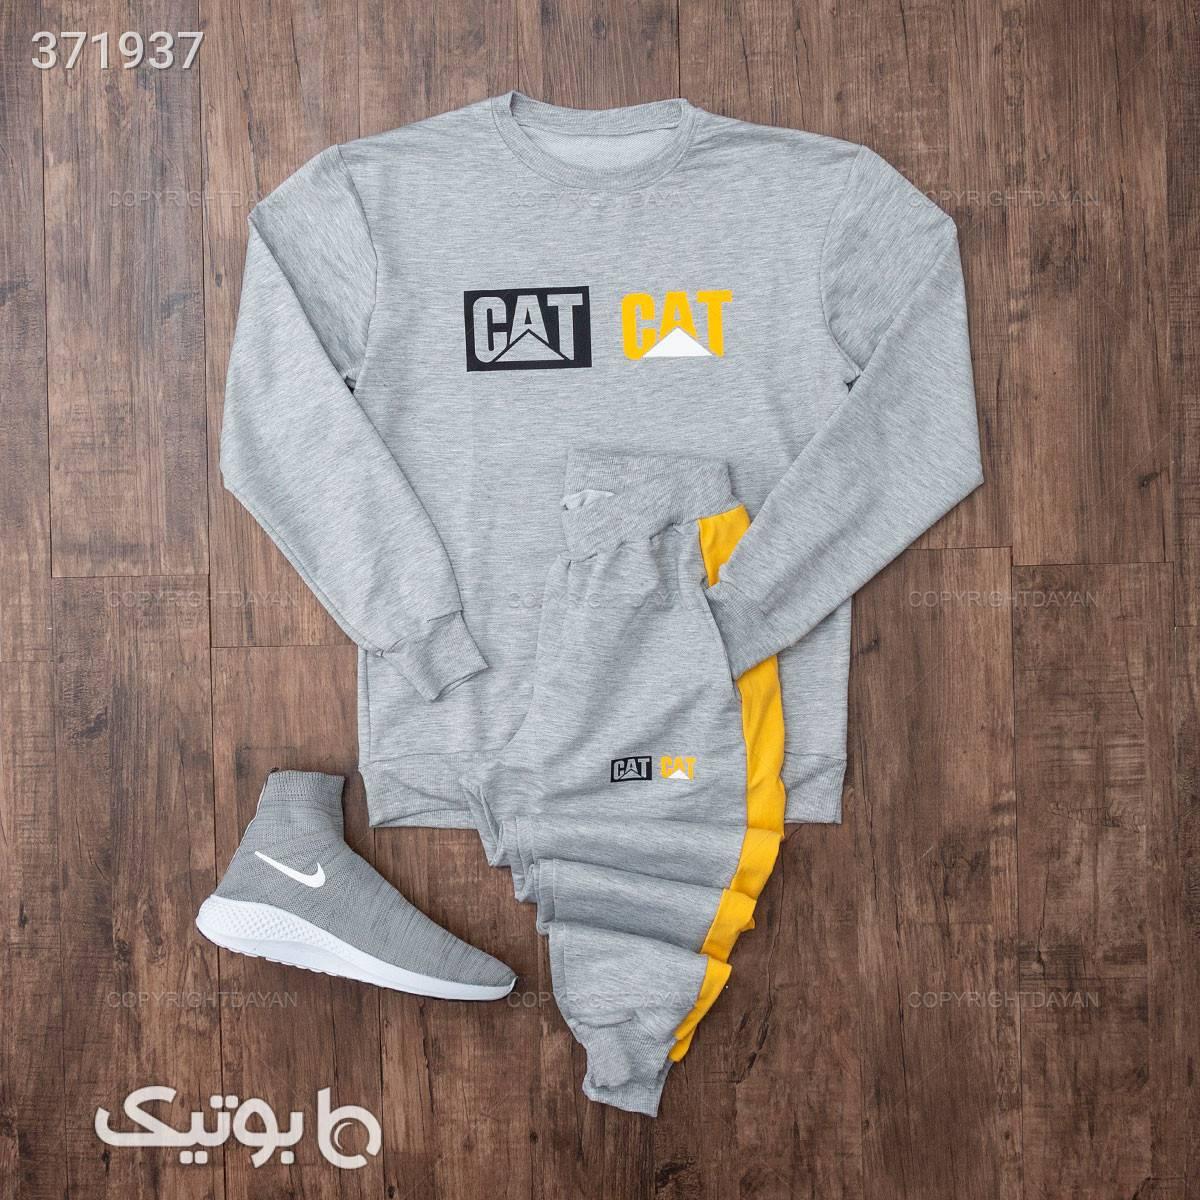 ست بلوز و شلوار مردانه Cat مدل 11797   نقره ای ست ورزشی مردانه